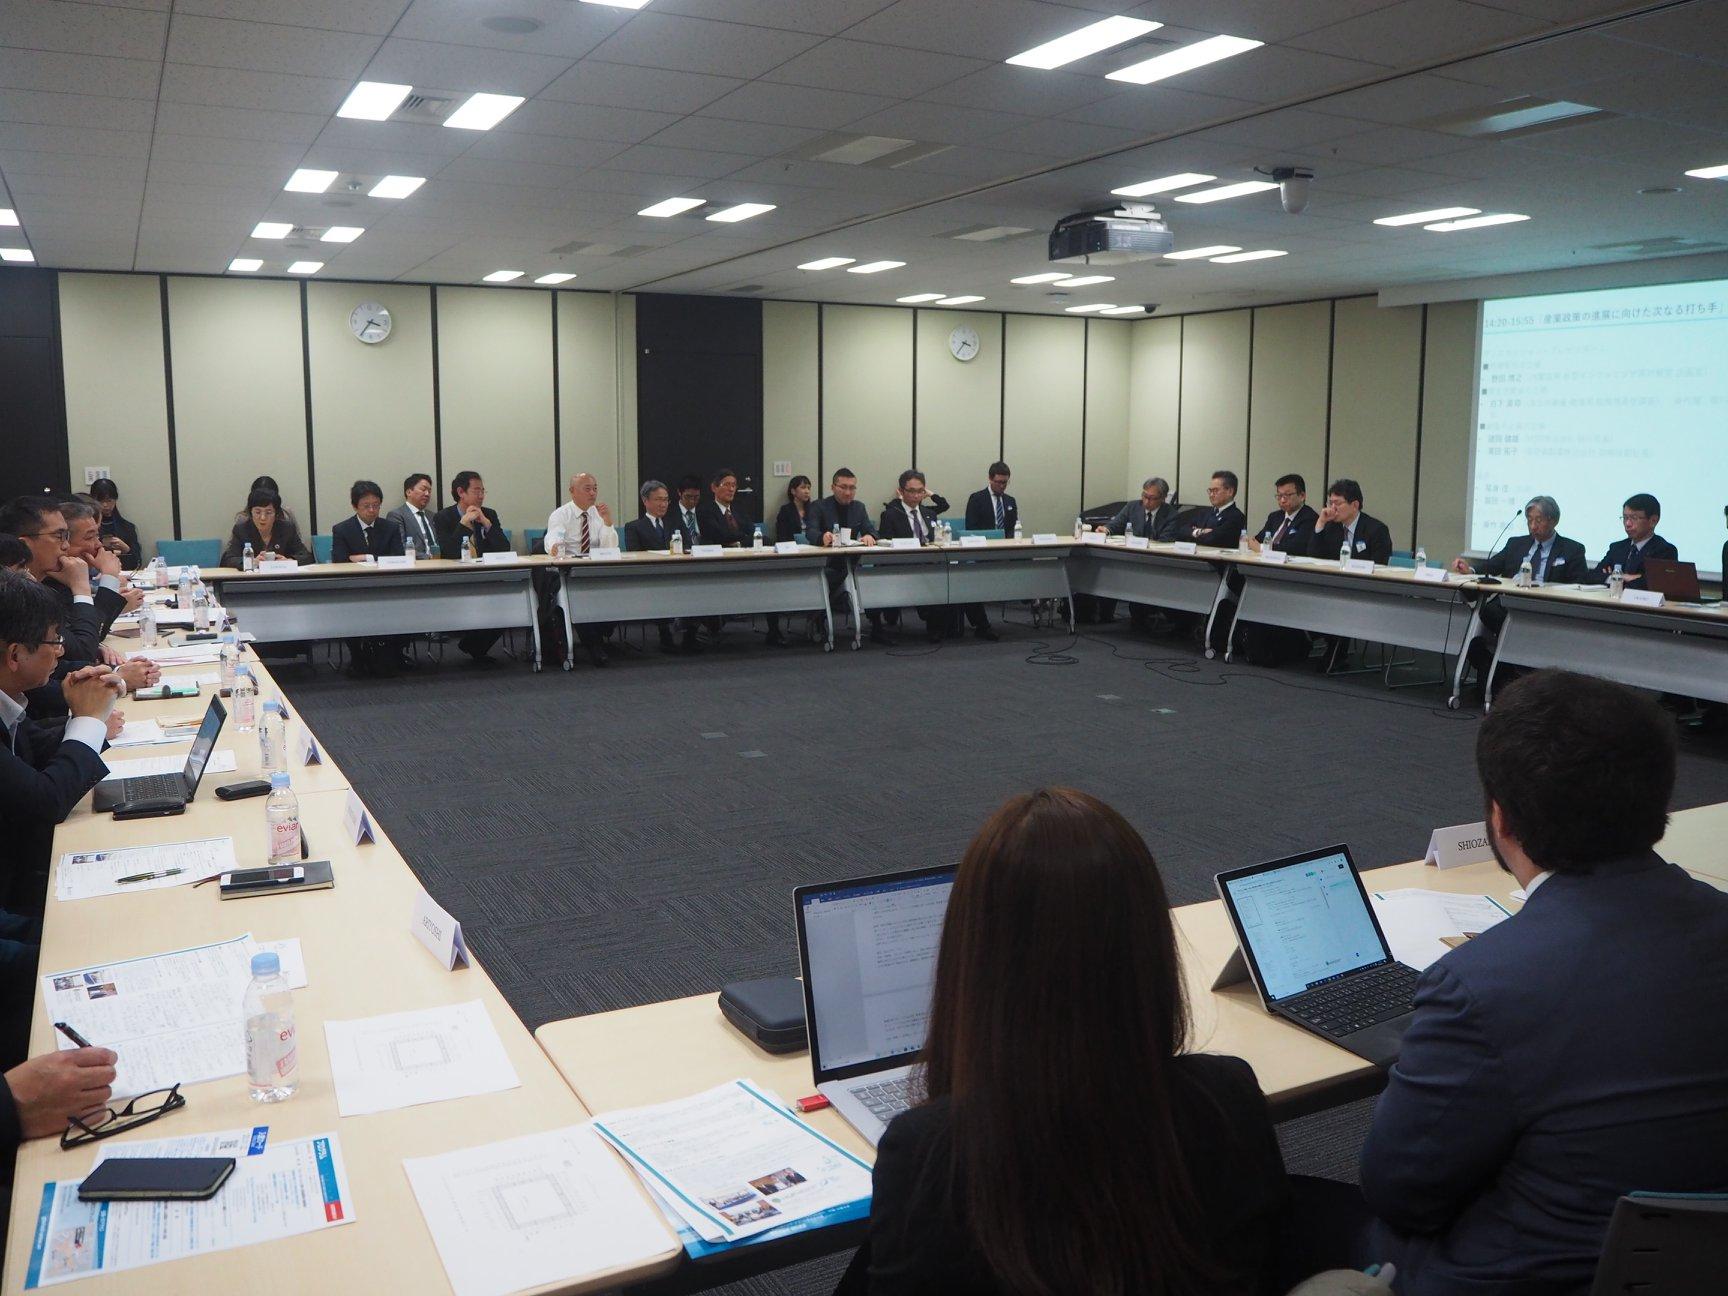 【開催報告】日経アジア・アフリカ感染症会議 アジア・アフリカ医療イノベーションコンソーシアム(AMIC) 第1回AMR部会(2020年1月22日)